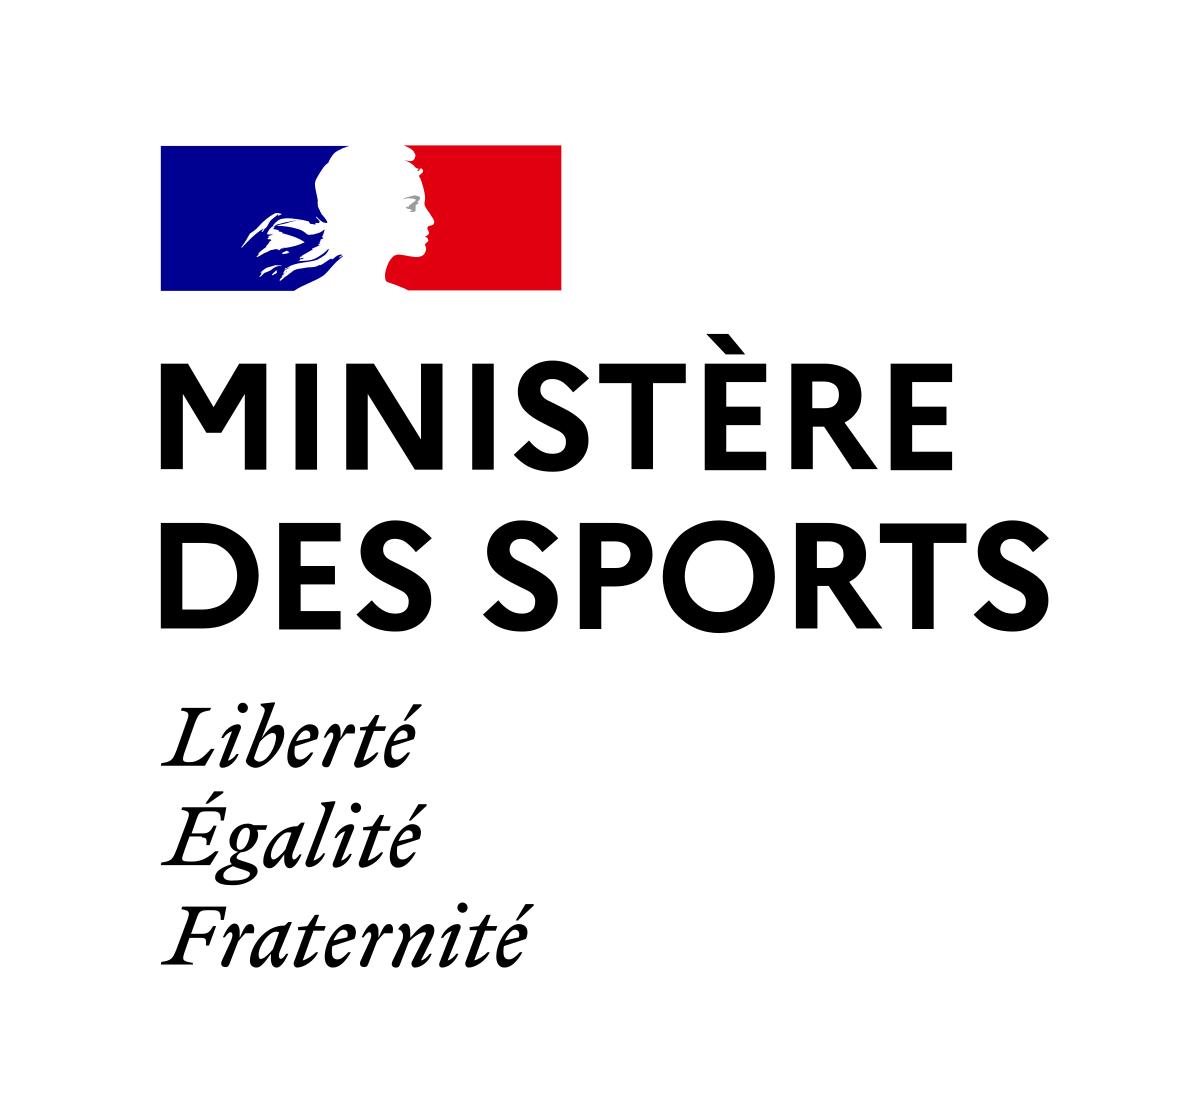 1200px Ministre des sports